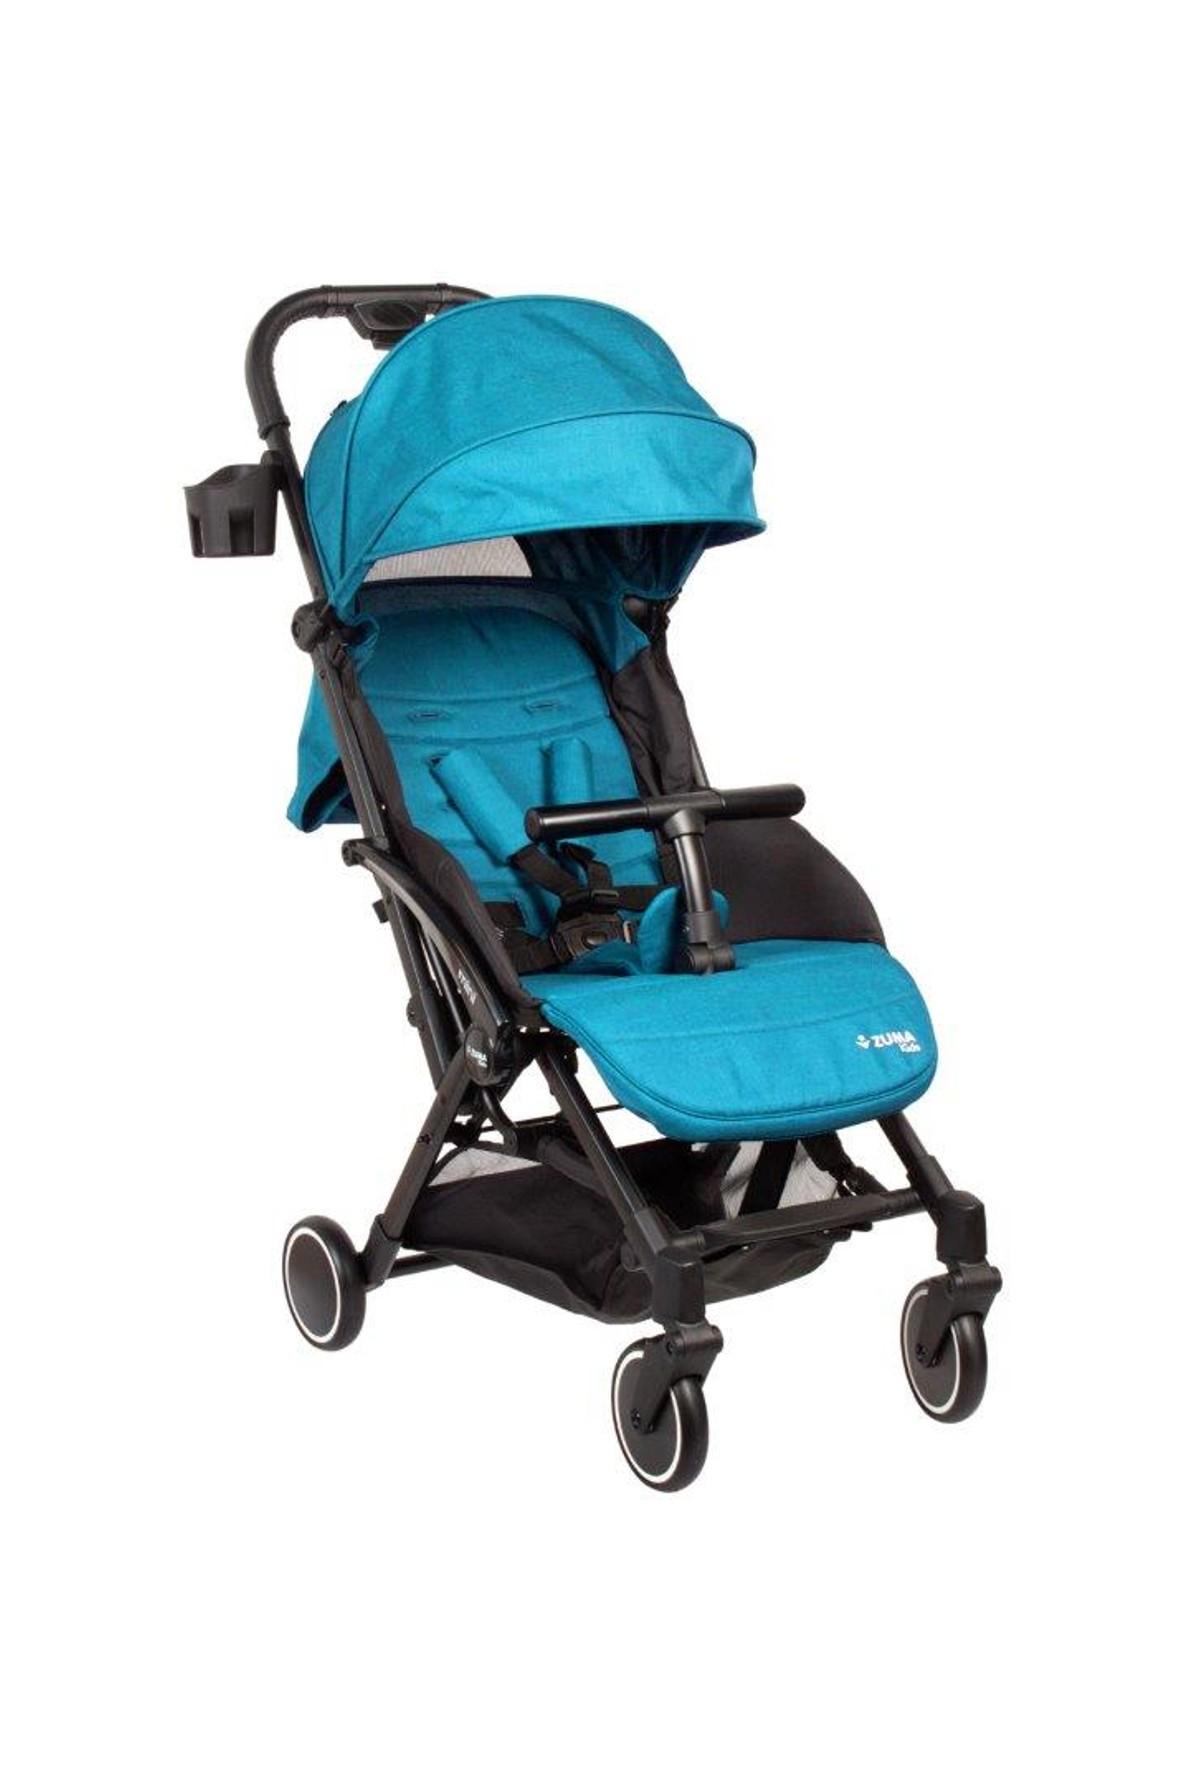 Wózek spacerowy Zuma Kids Mini-niebieski 6-36msc